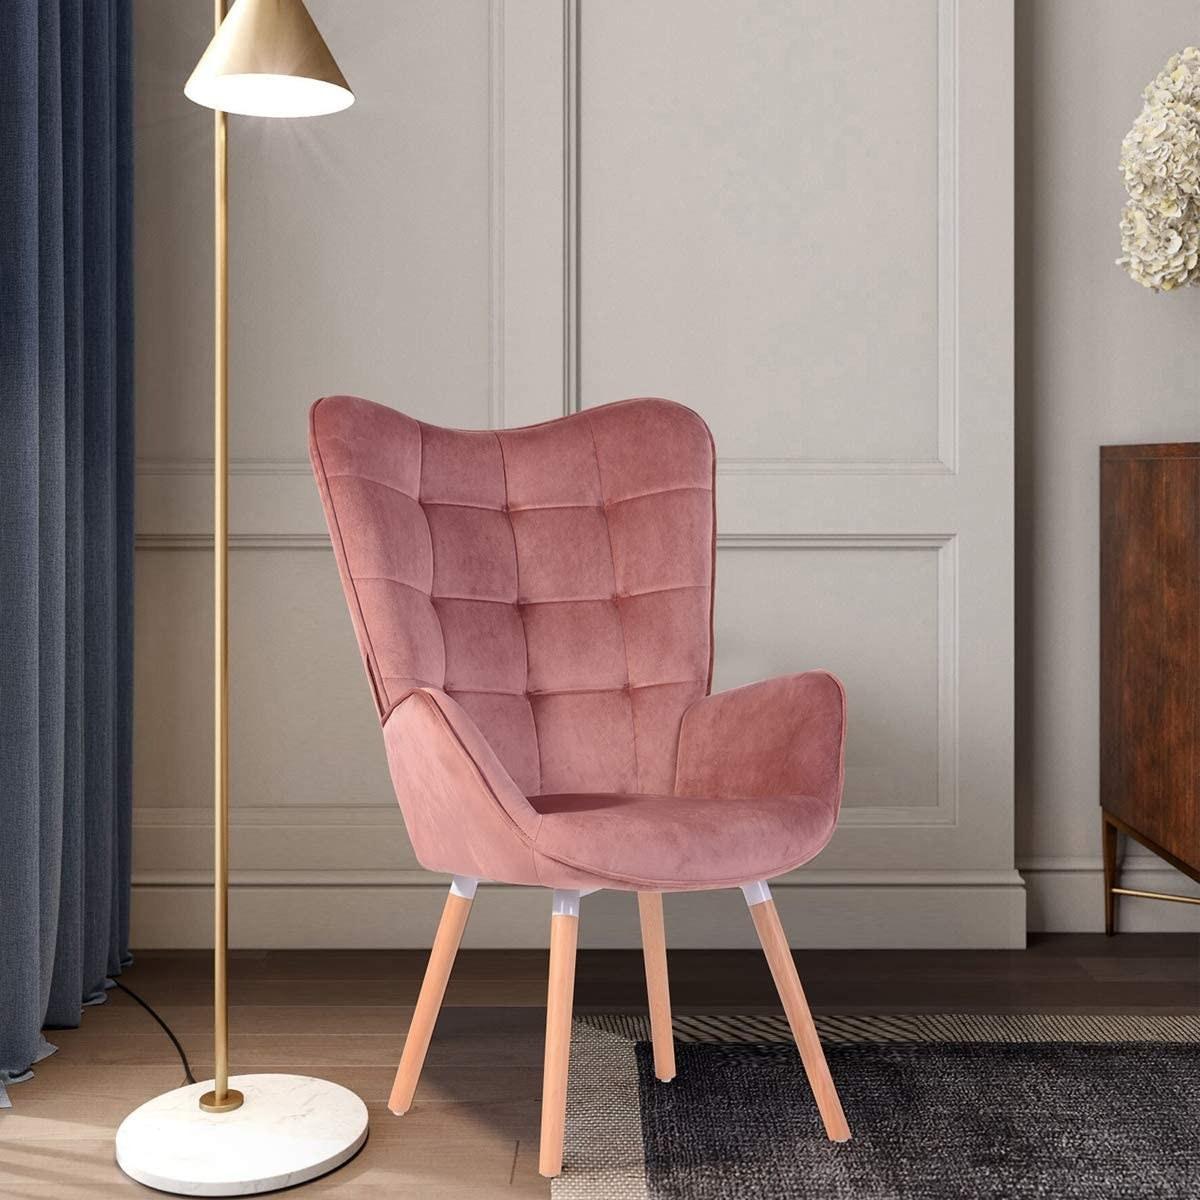 The chair beside a light